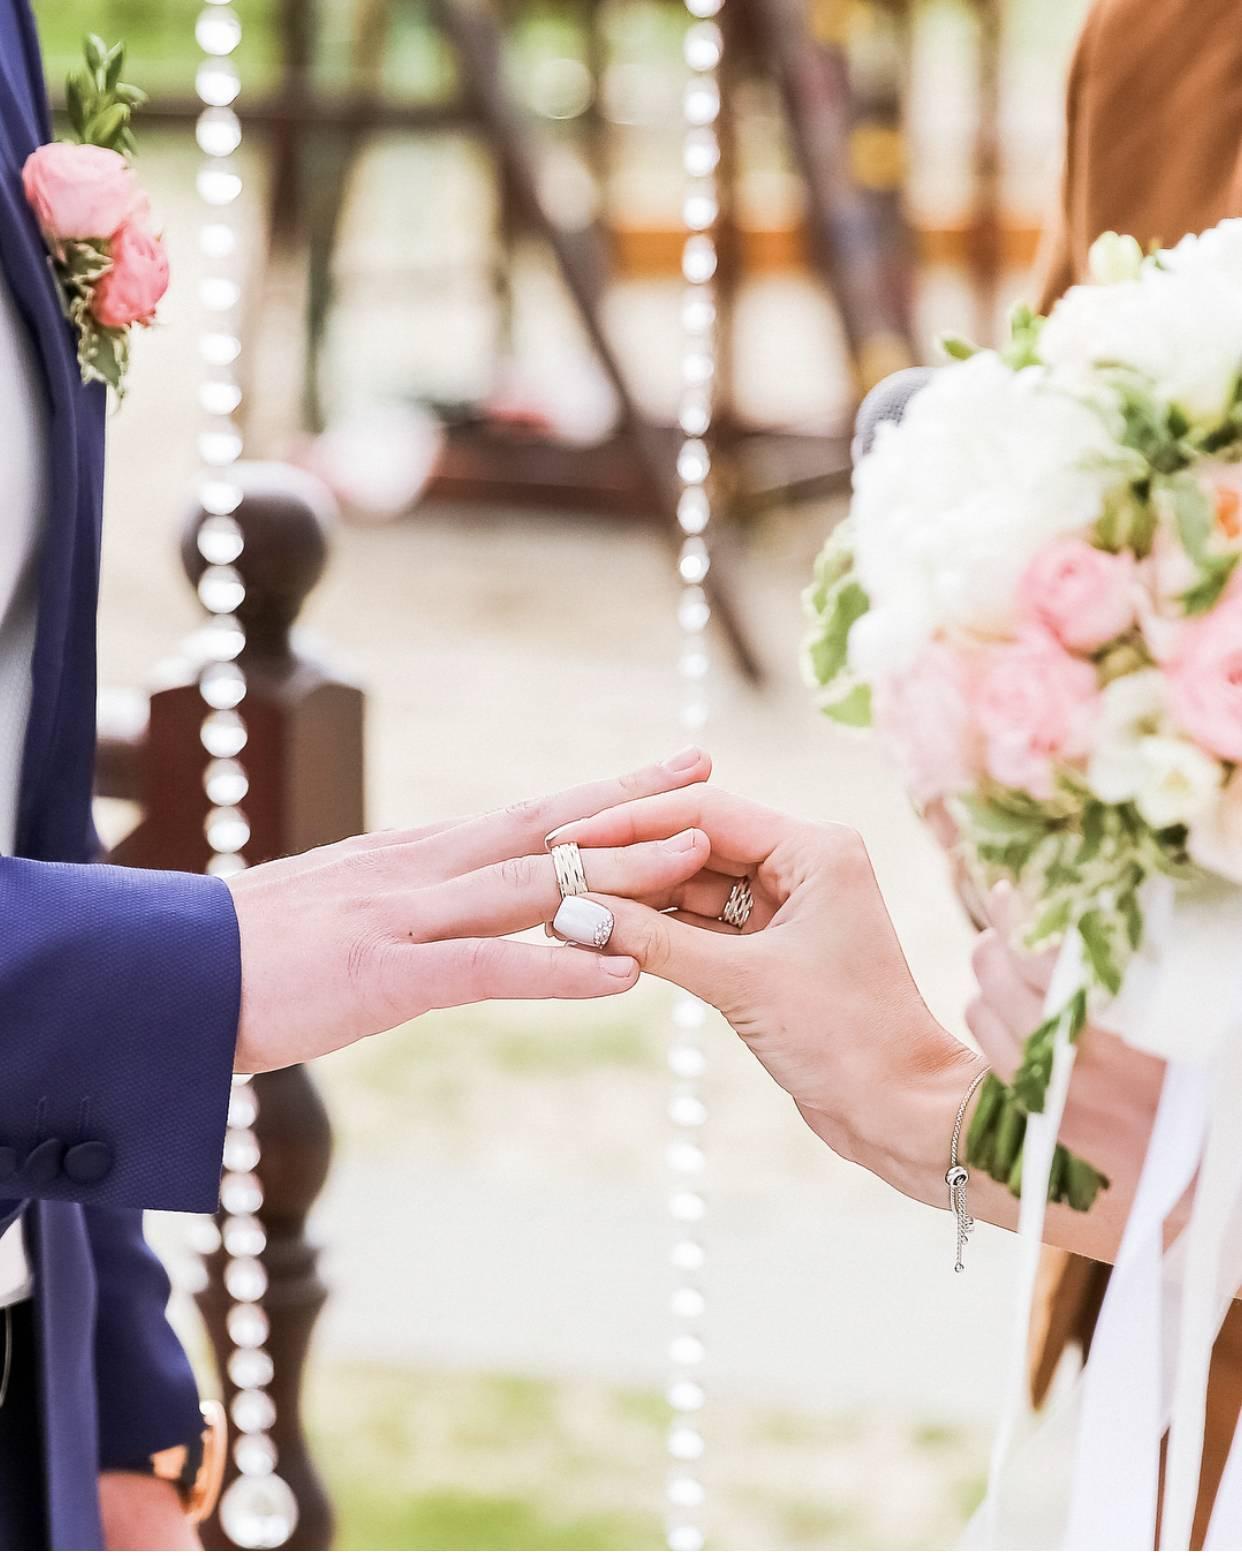 Свадебный банкет в шатре: за и против